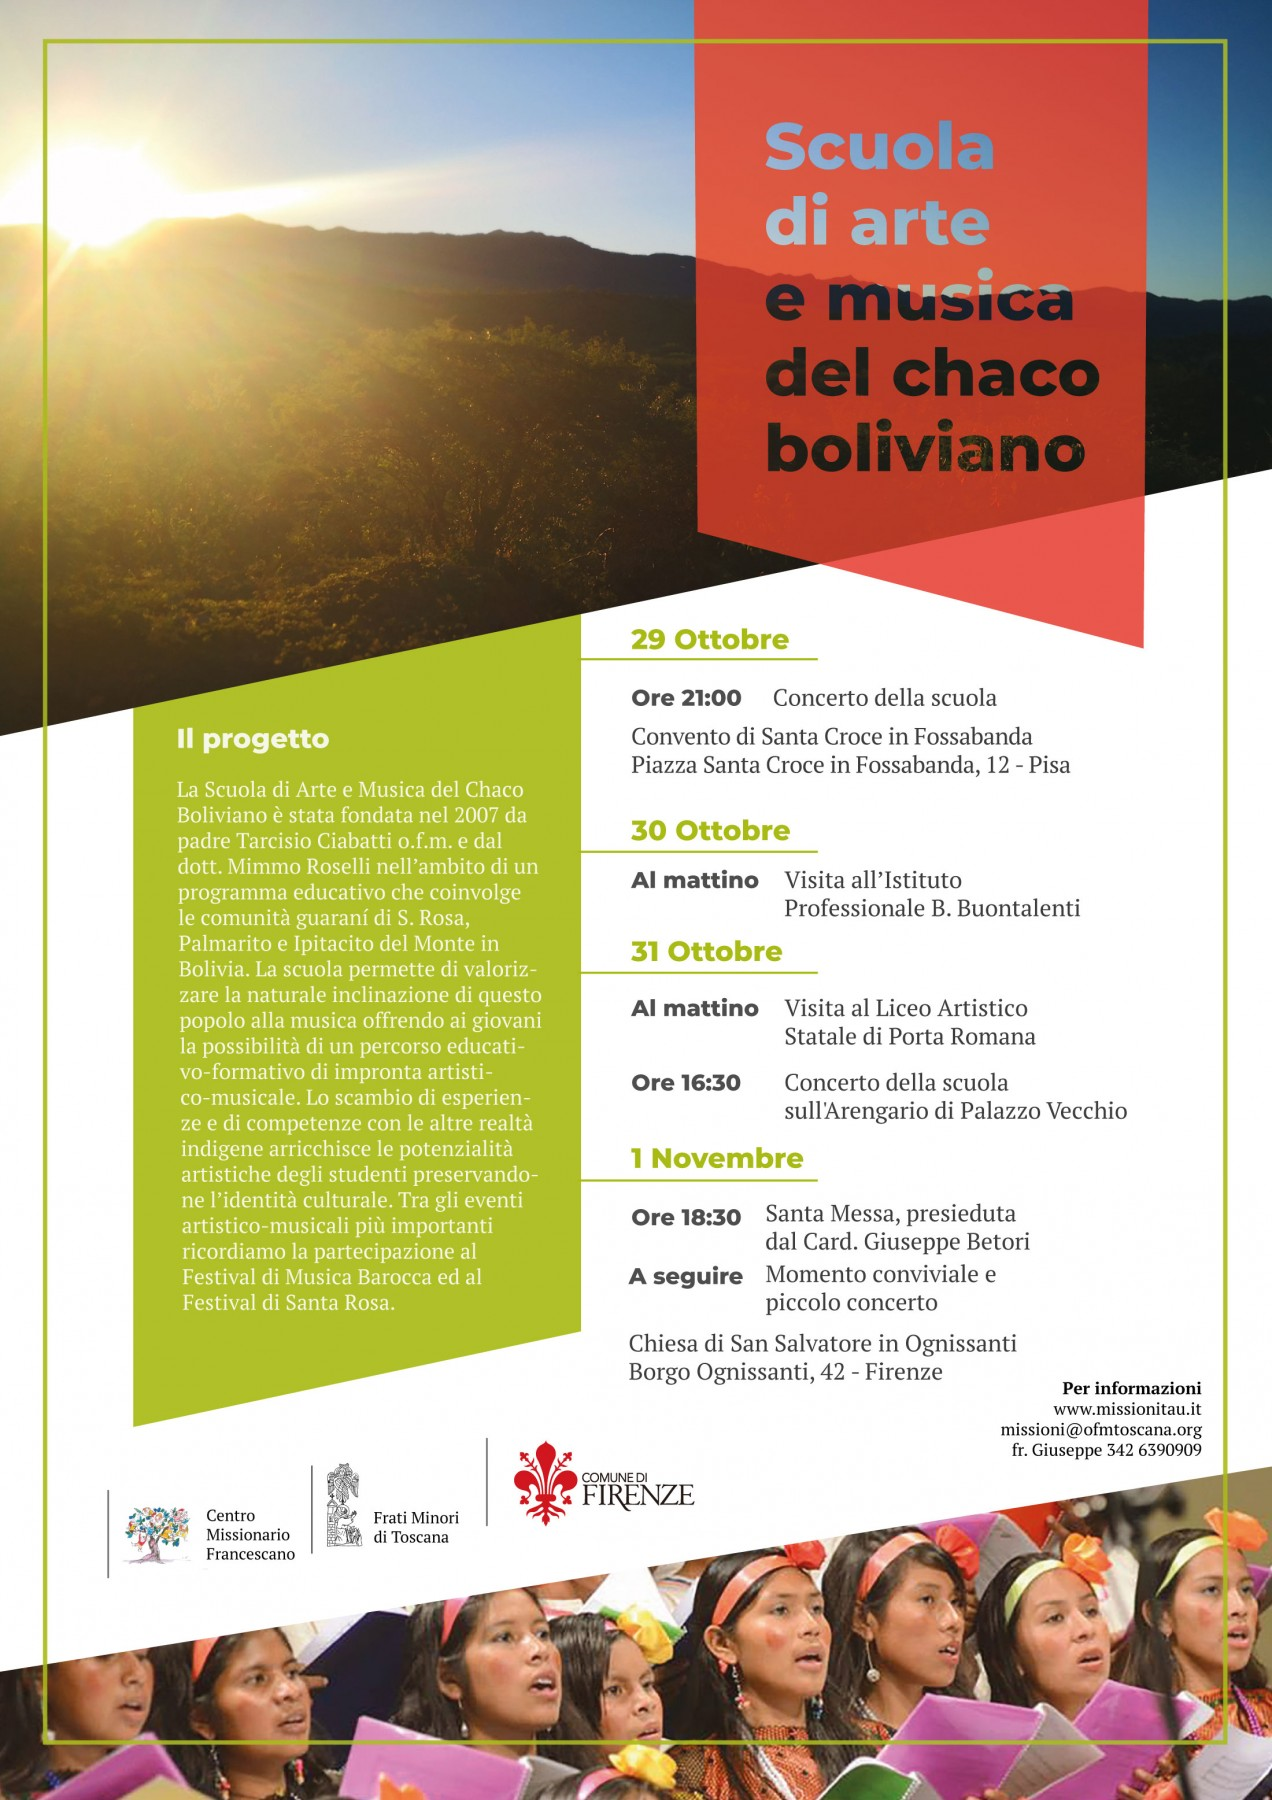 Scuola di arte e musica del chaco boliviano